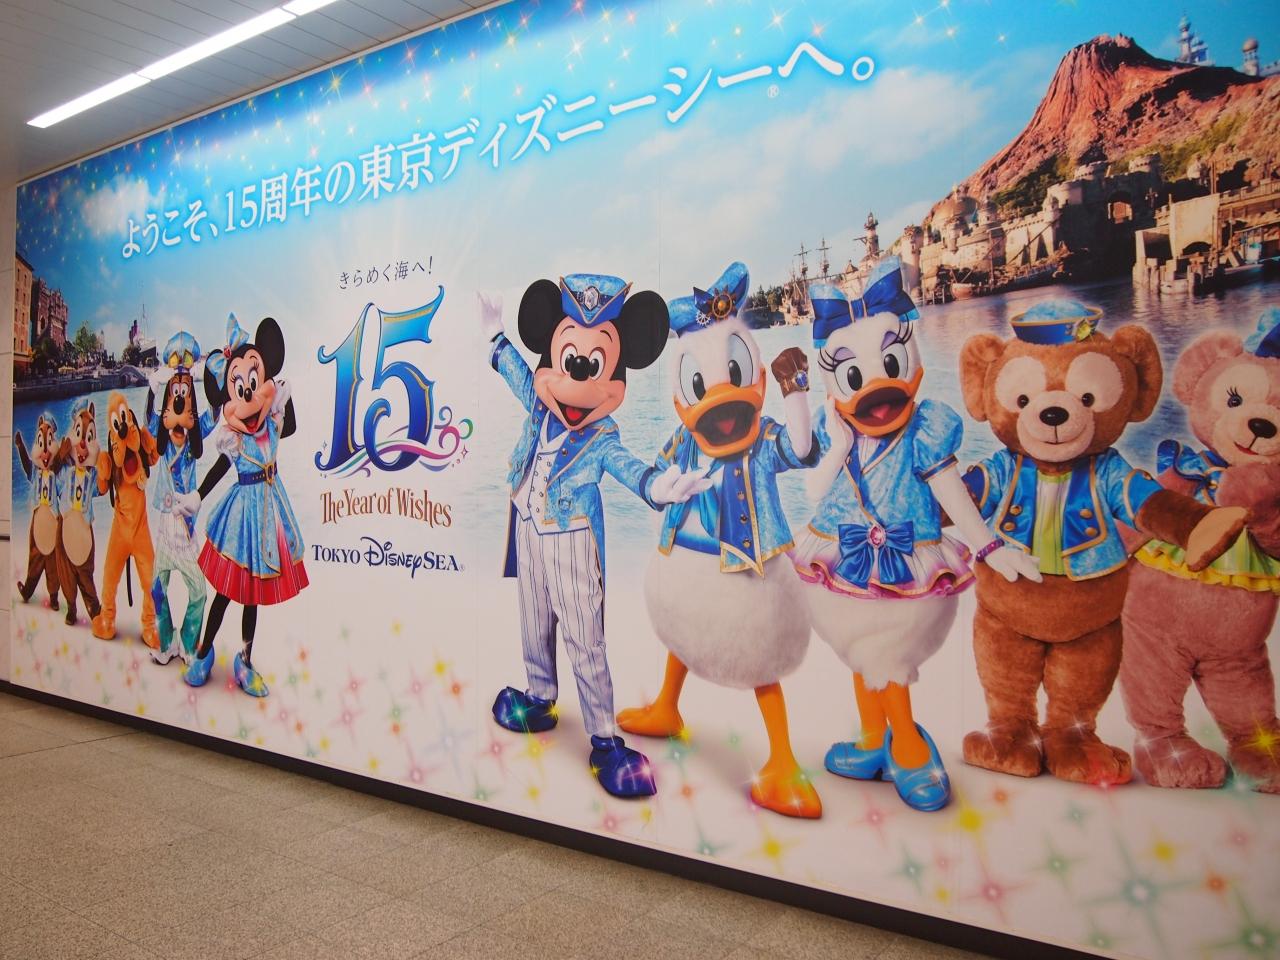 夏イベント☆15周年のtds雨のトロピカルスプラッシュ1』東京ディズニー